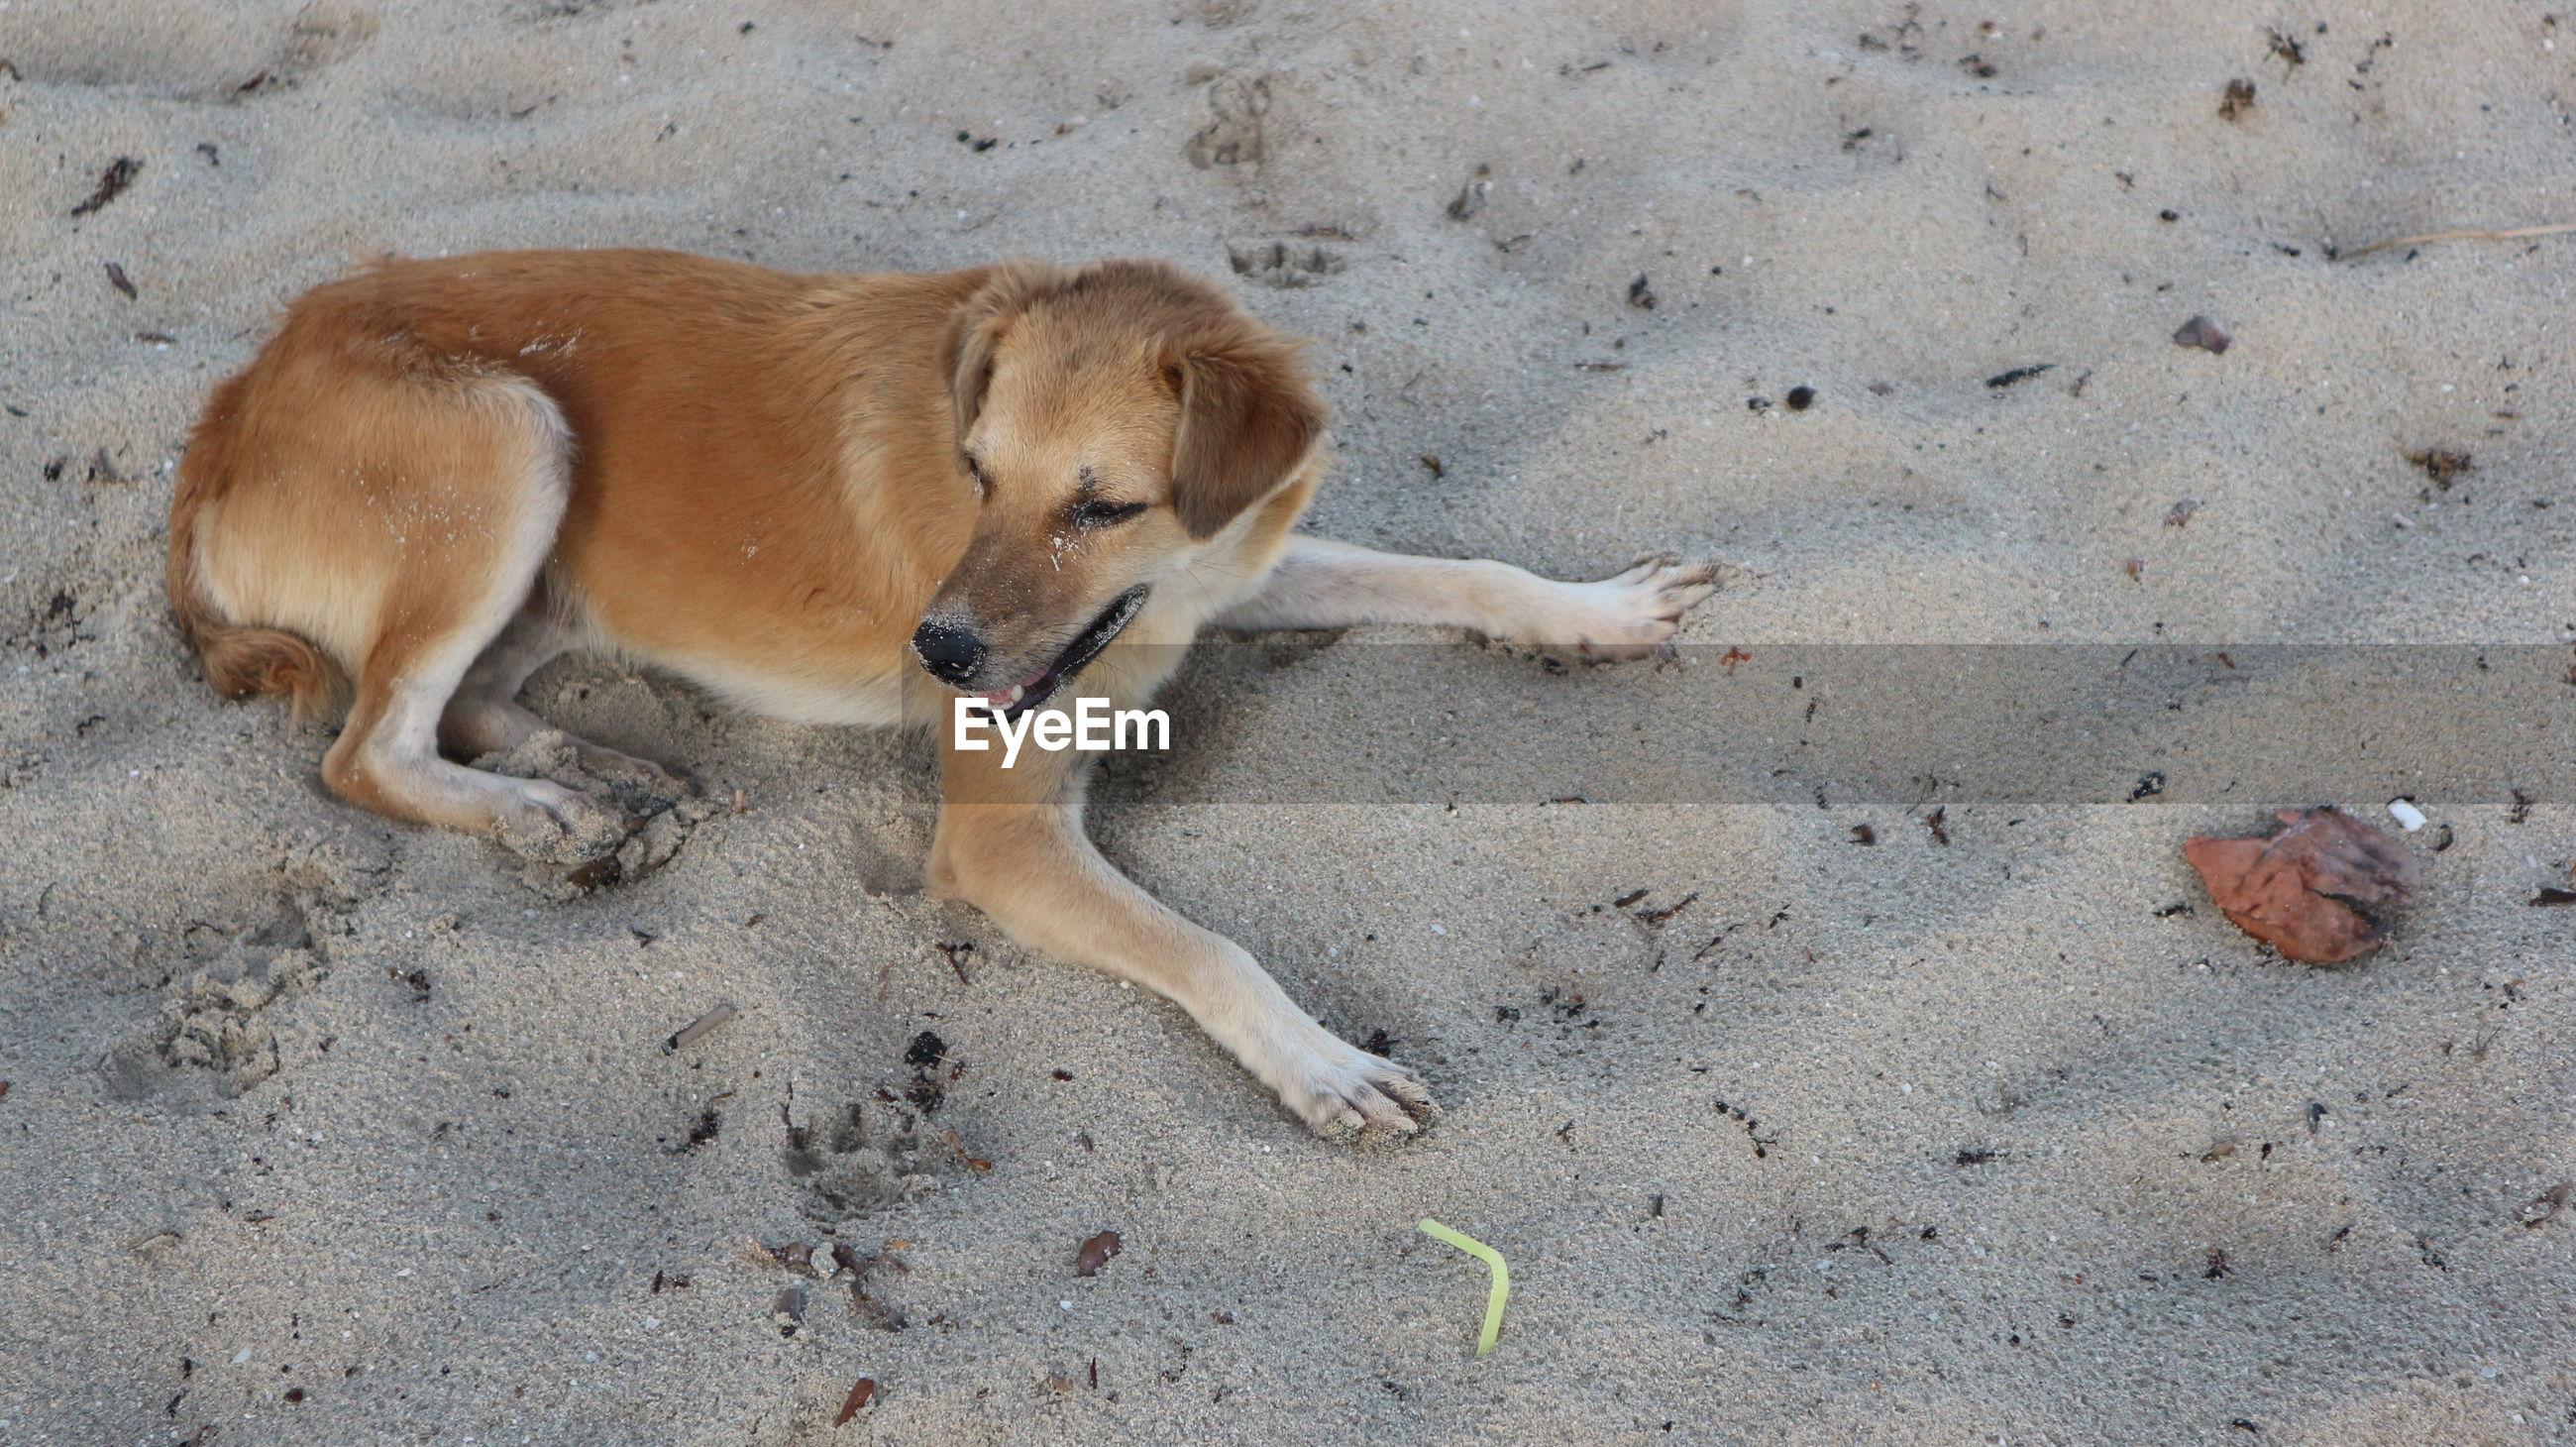 HIGH ANGLE VIEW OF A DOG LYING ON SAND